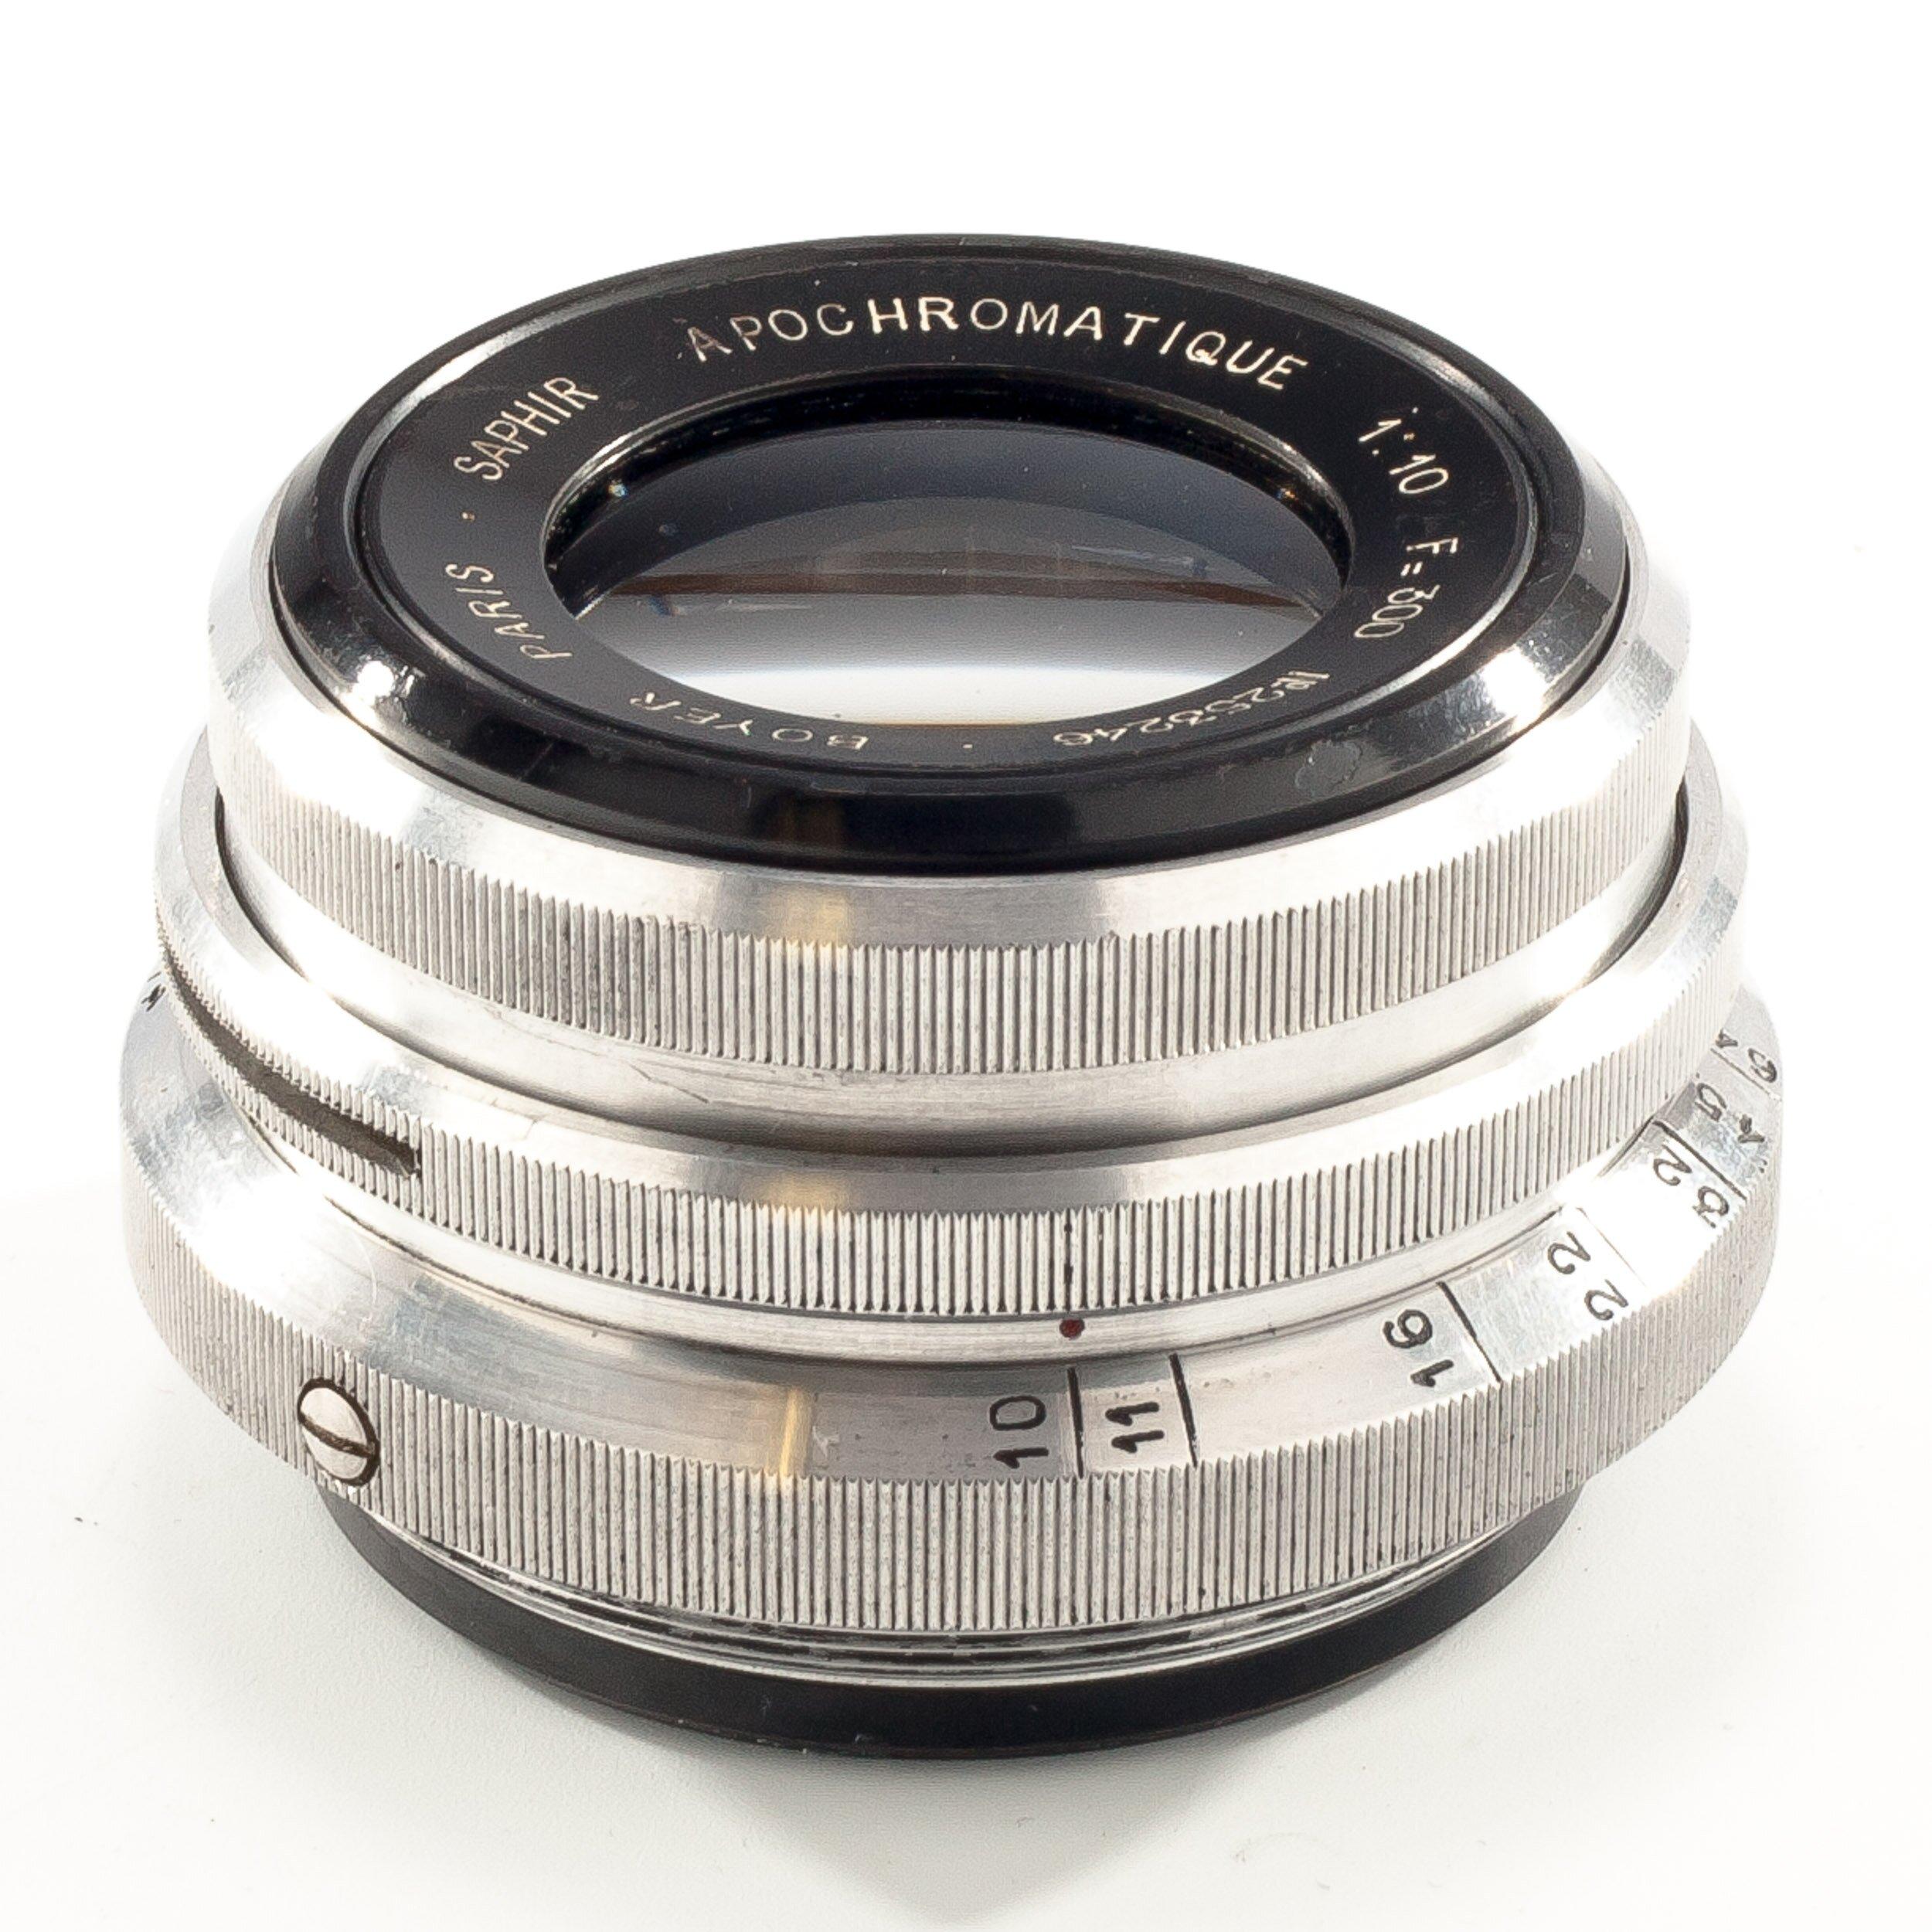 Boyer 10/300mm Saphir apochromatique